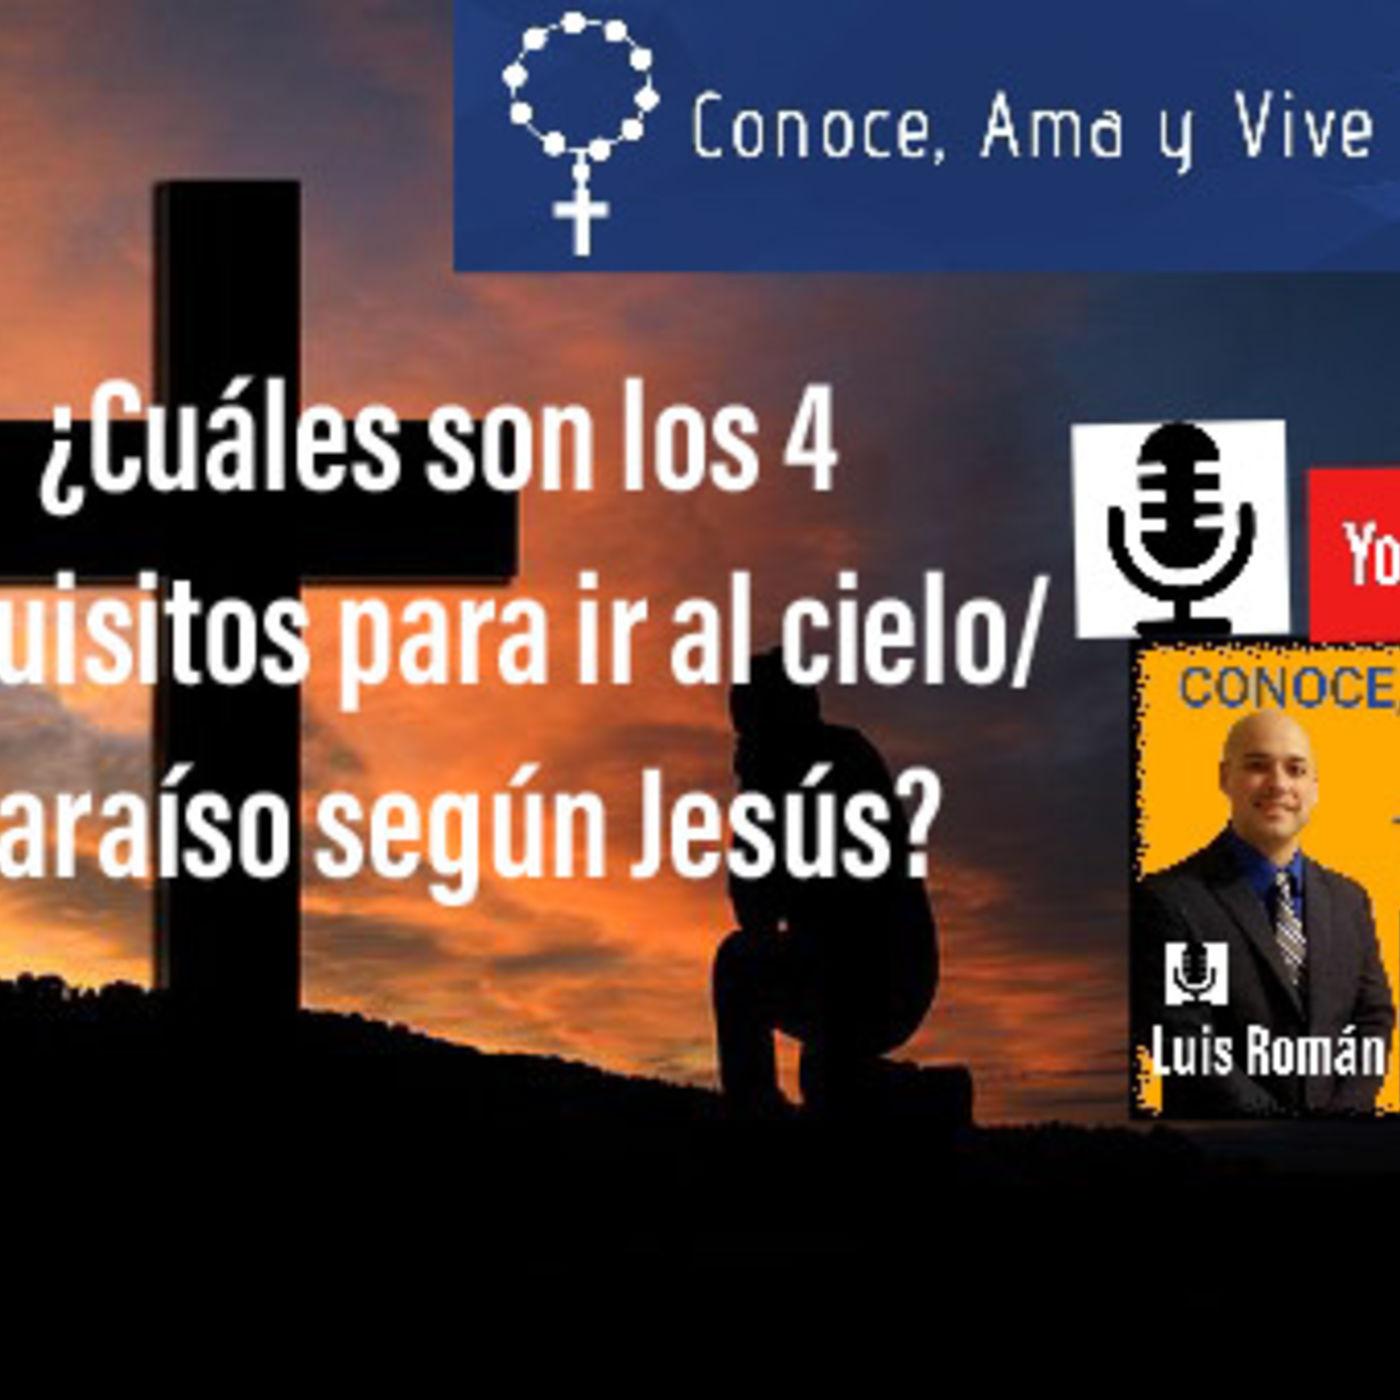 Episodio 34: ¿Cuáles son los 4 requisitos para ir al cielo (paraíso)?